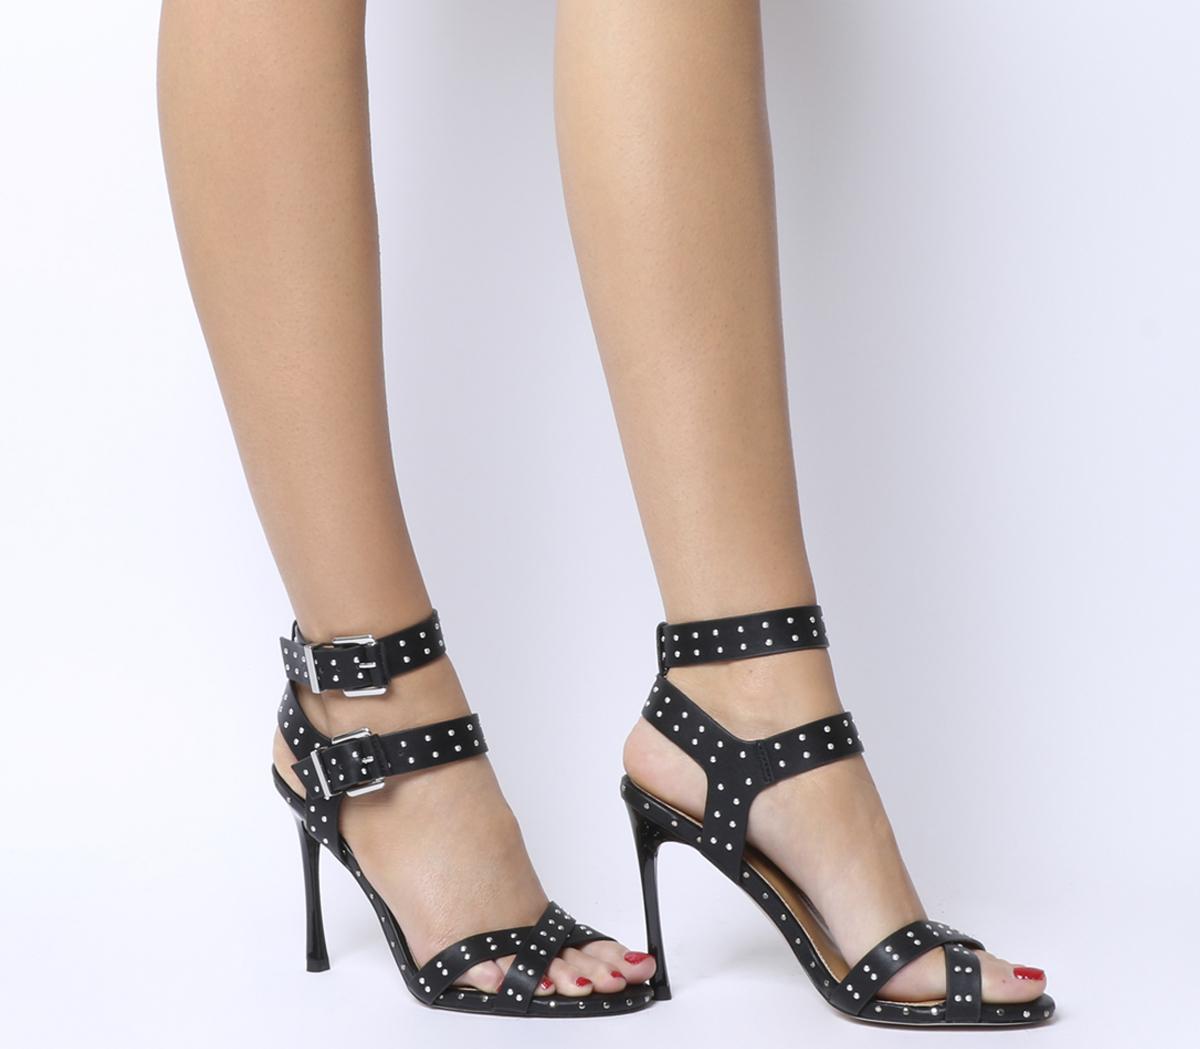 Hardcore Studded Stiletto Heels